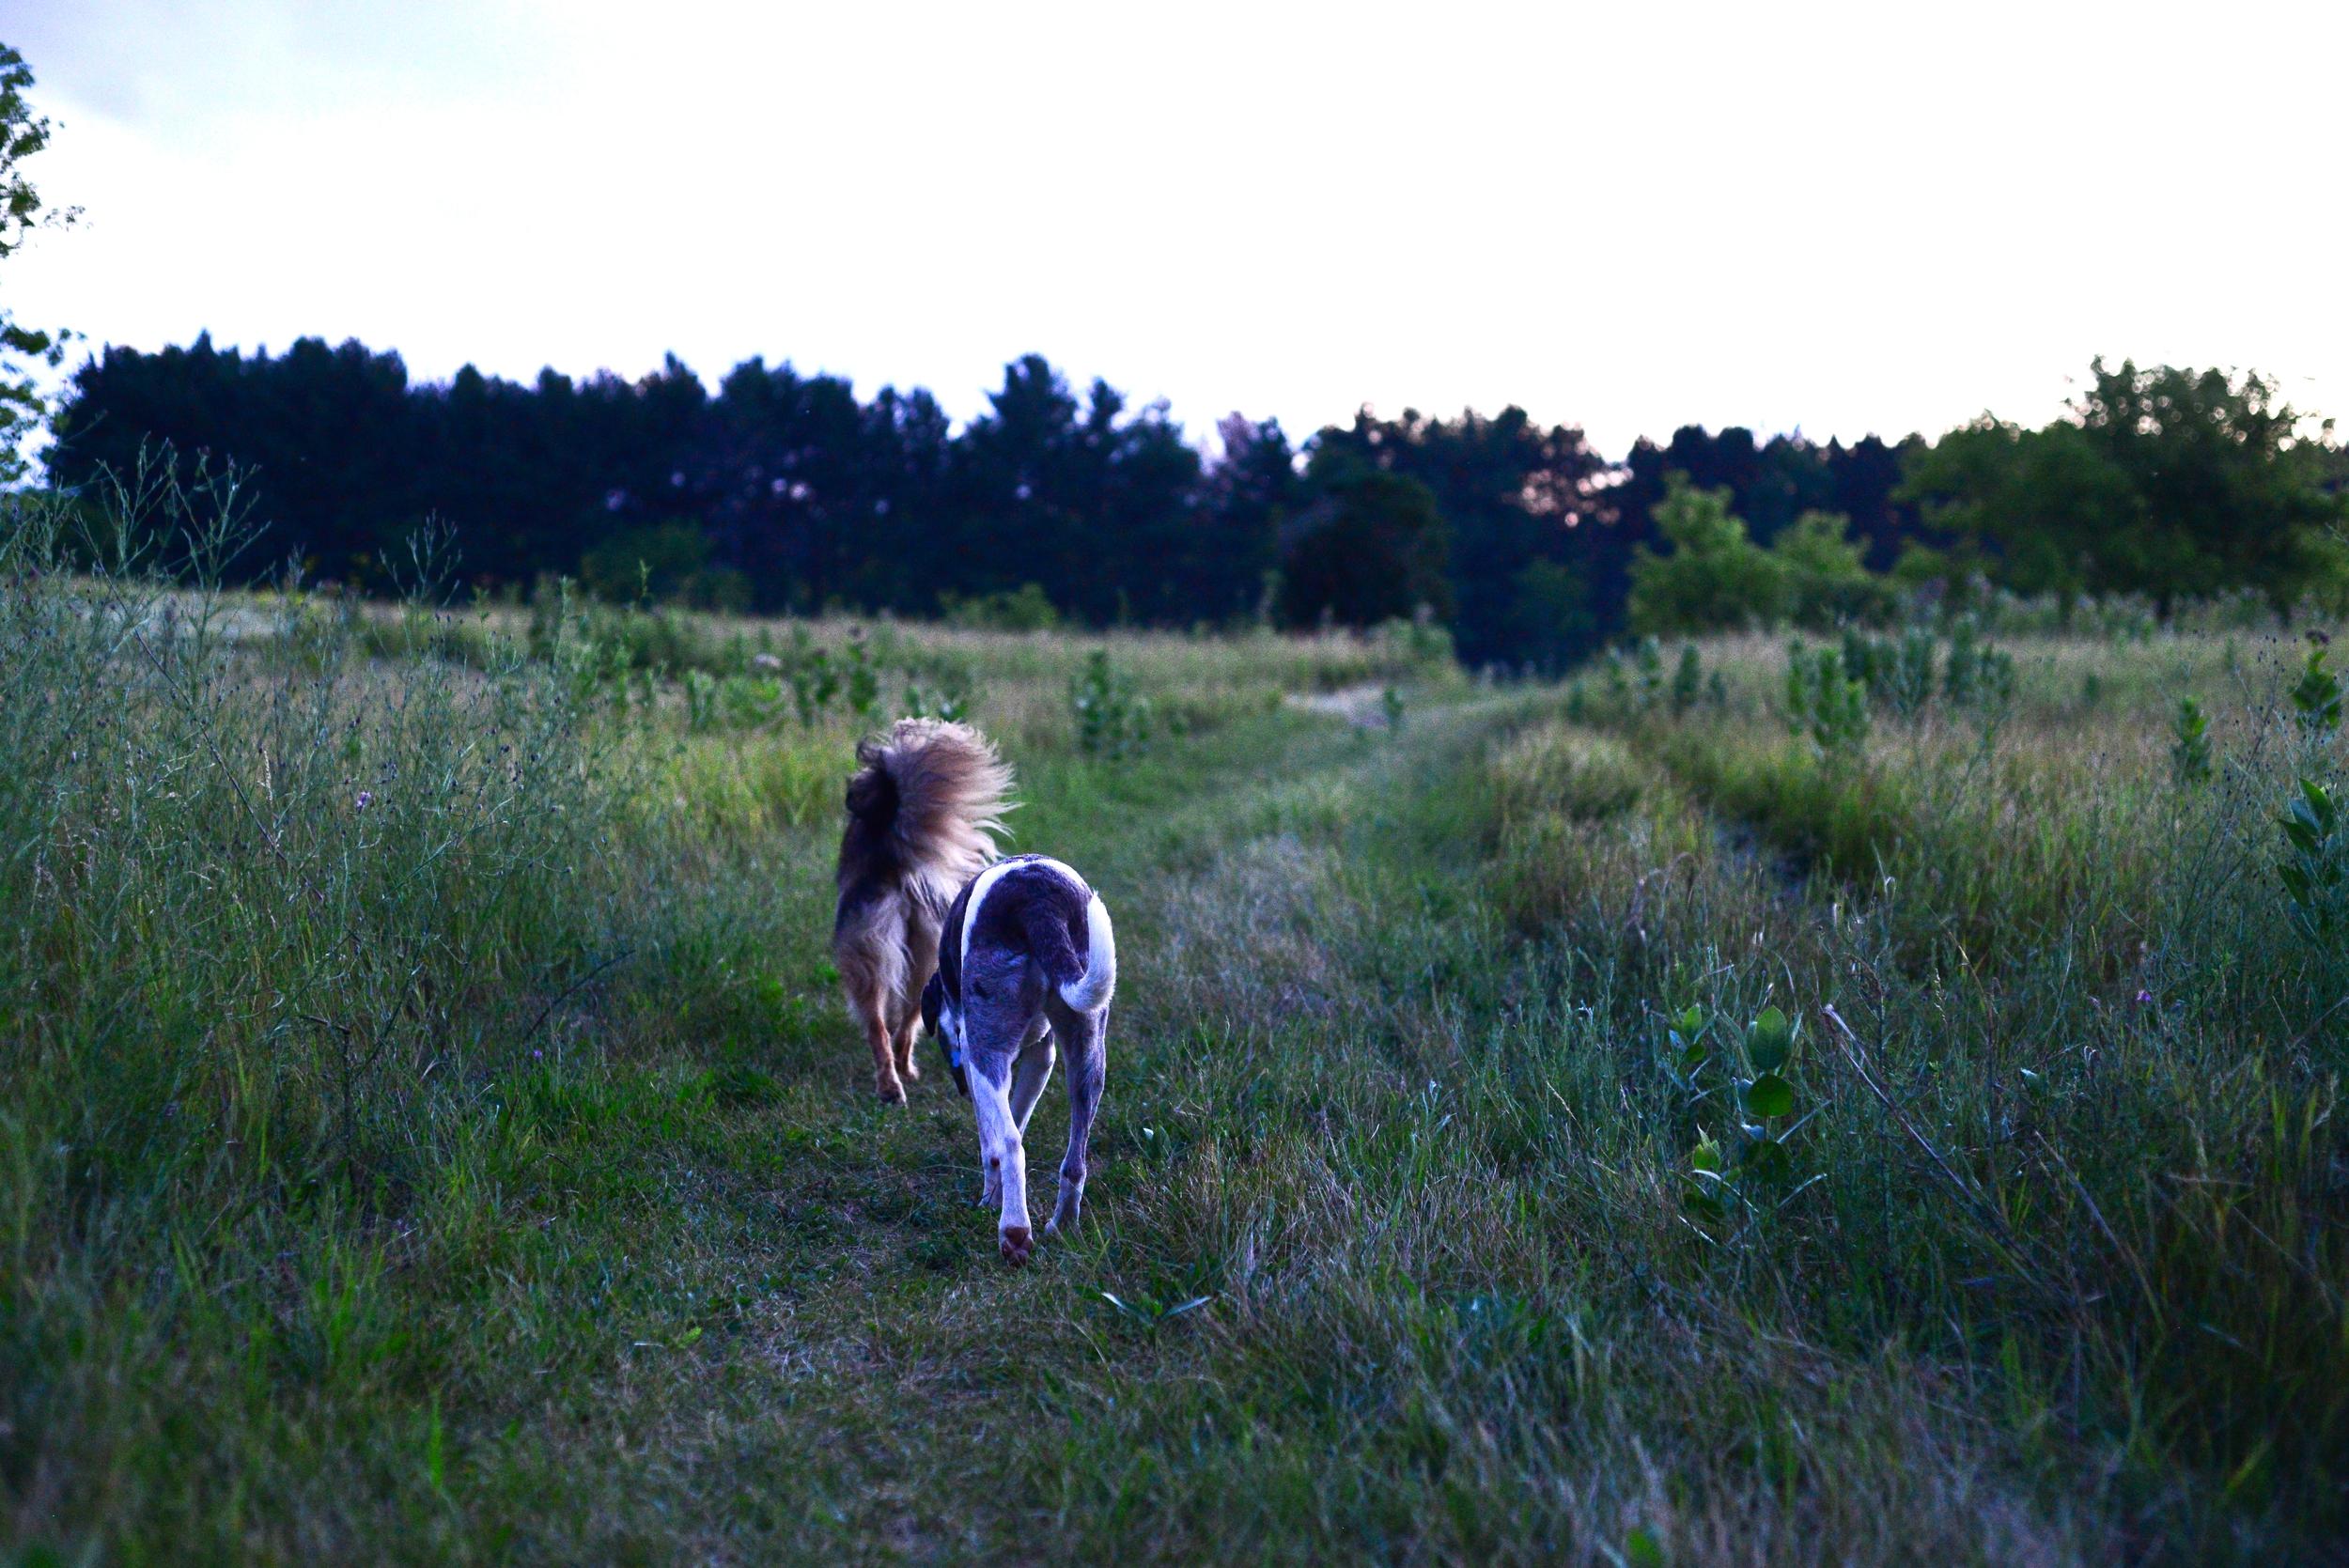 dogshiking.jpg